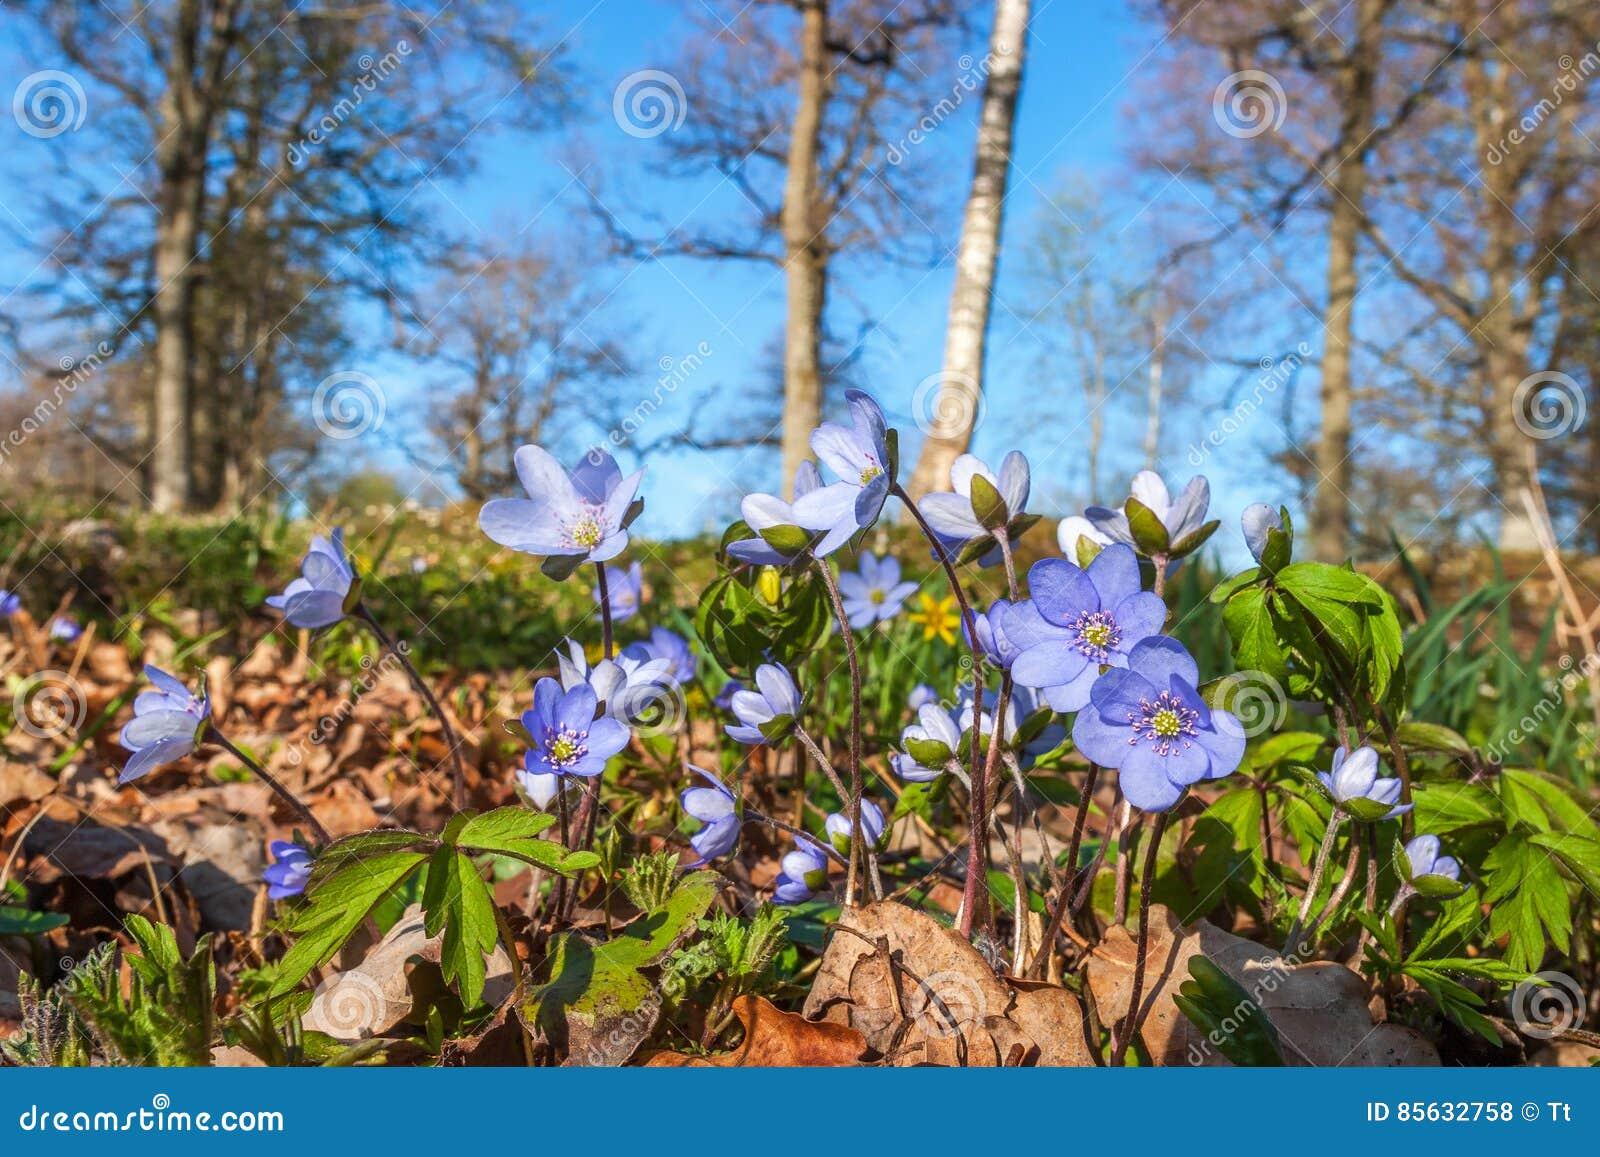 Anemone hepatica Blumen